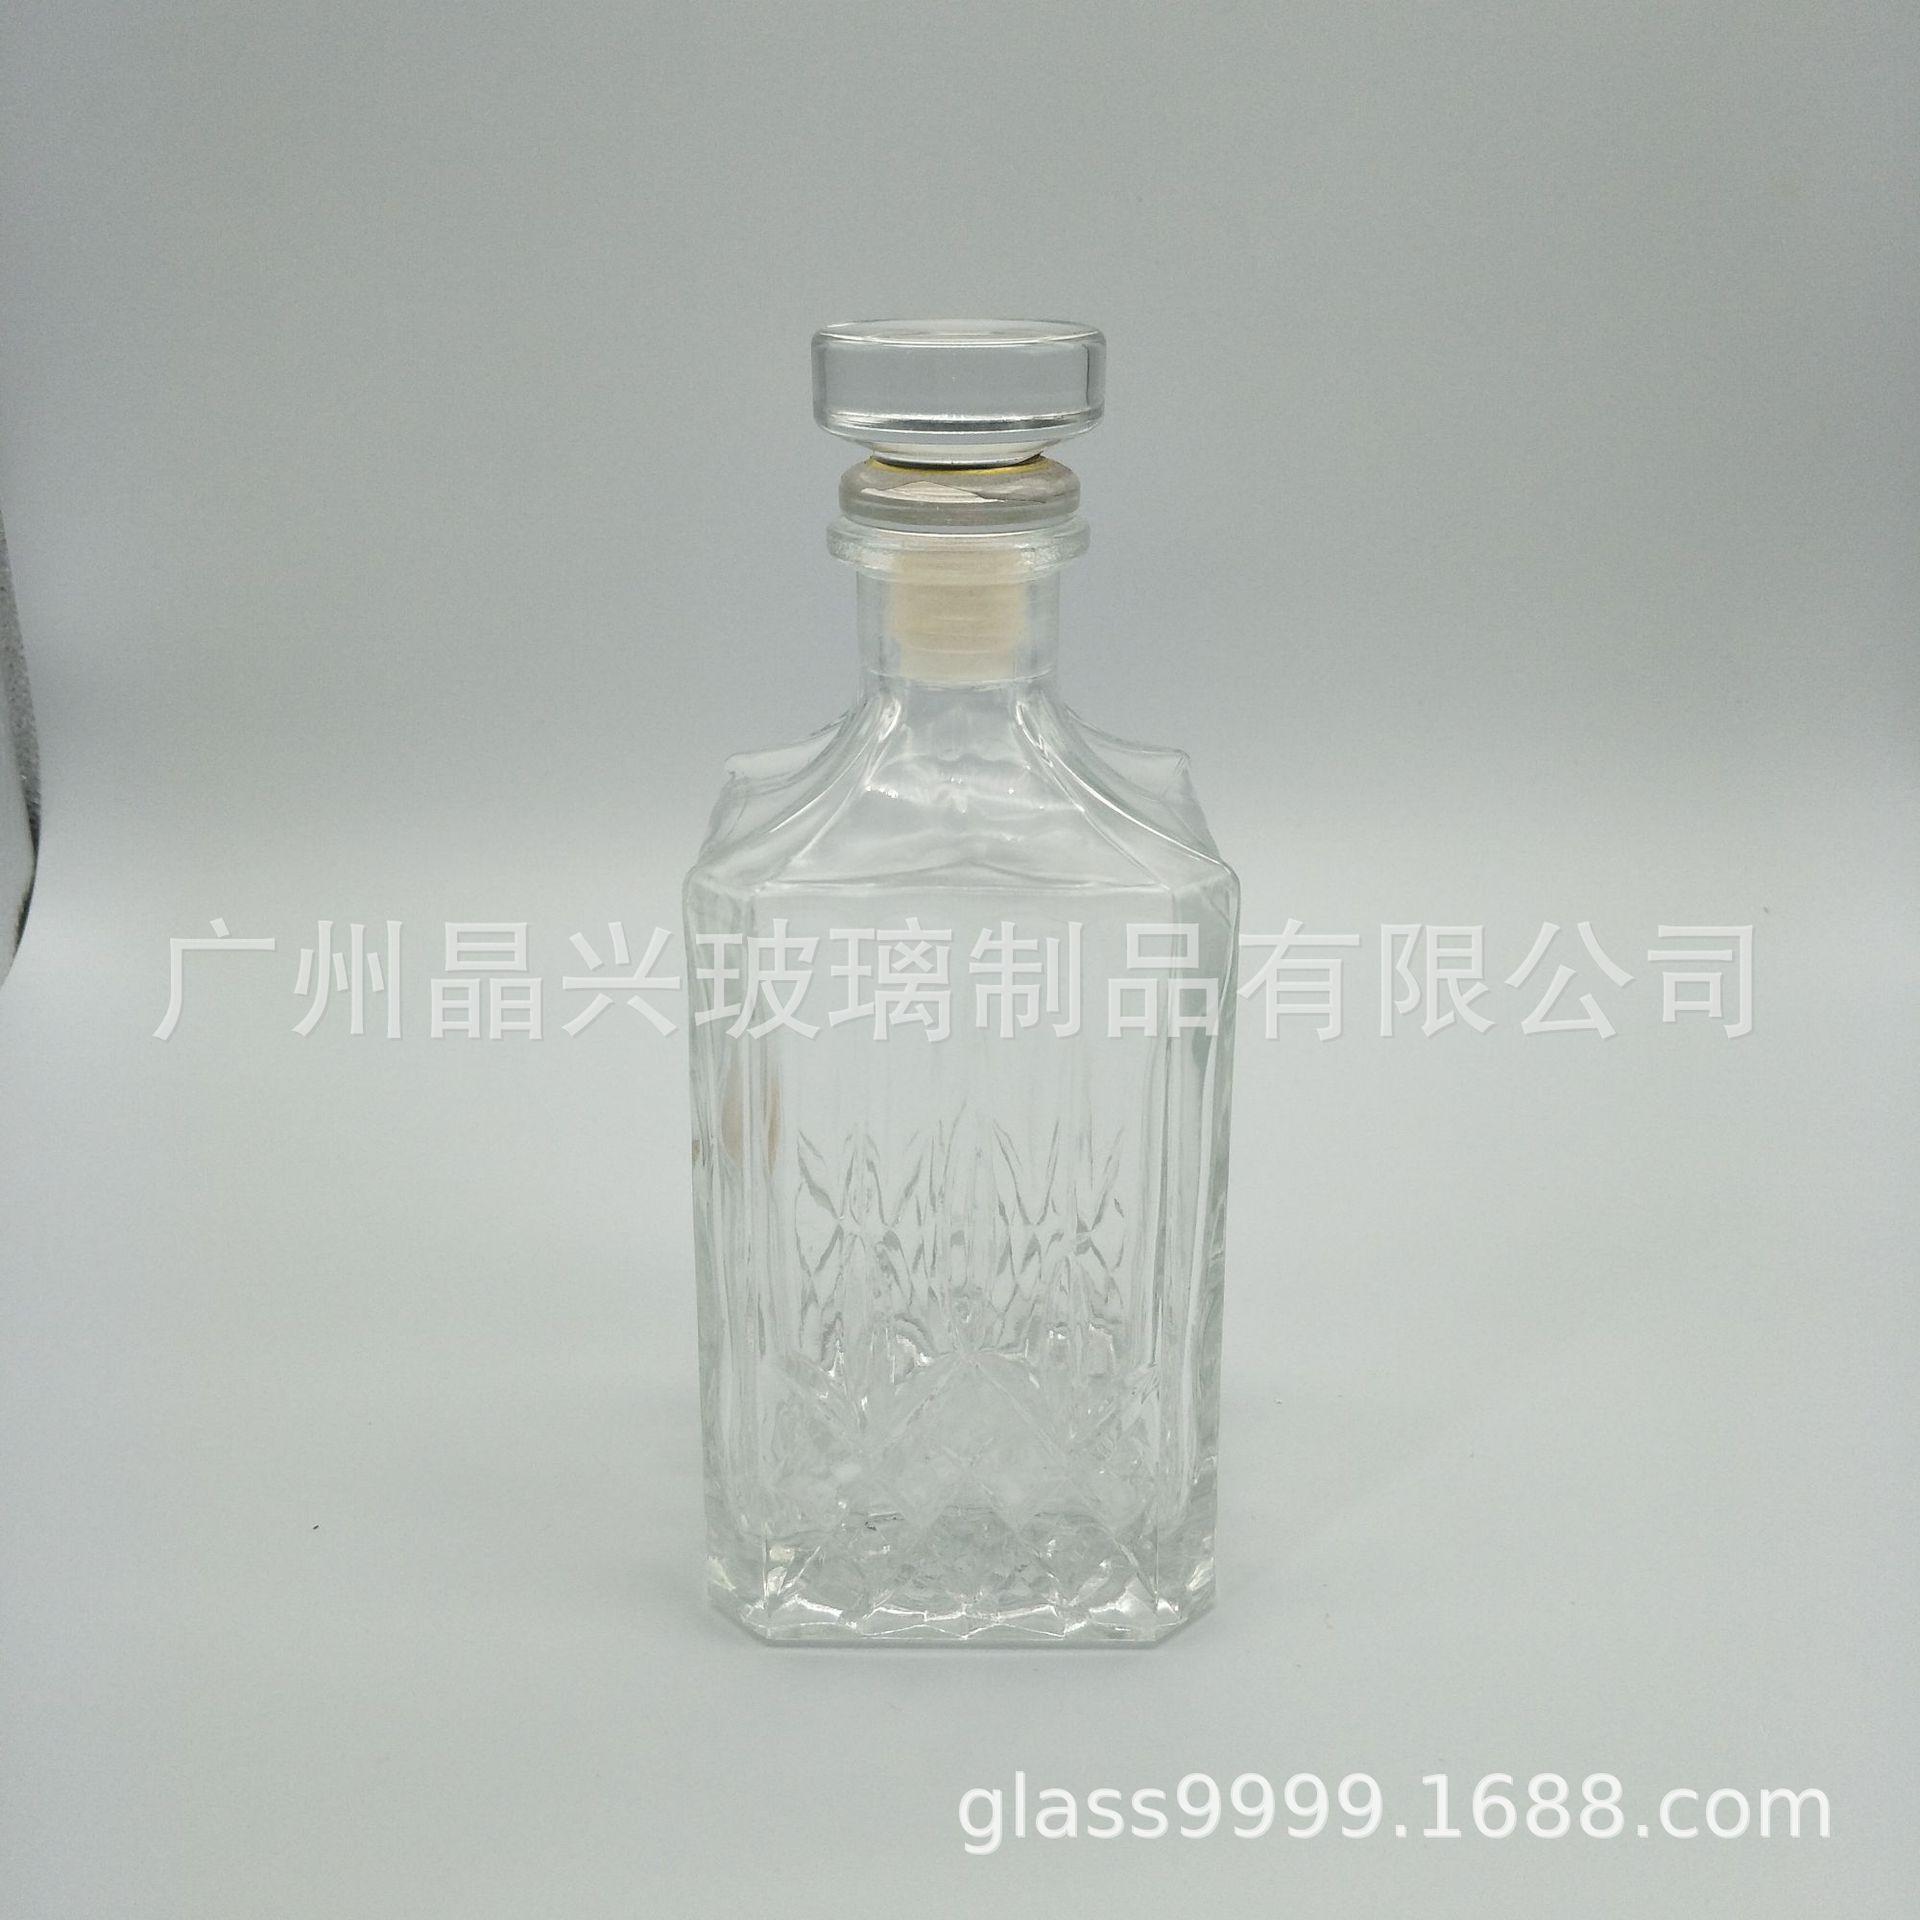 厂家供应高端品质透明玻璃酒瓶 700ml洋酒瓶 红酒瓶